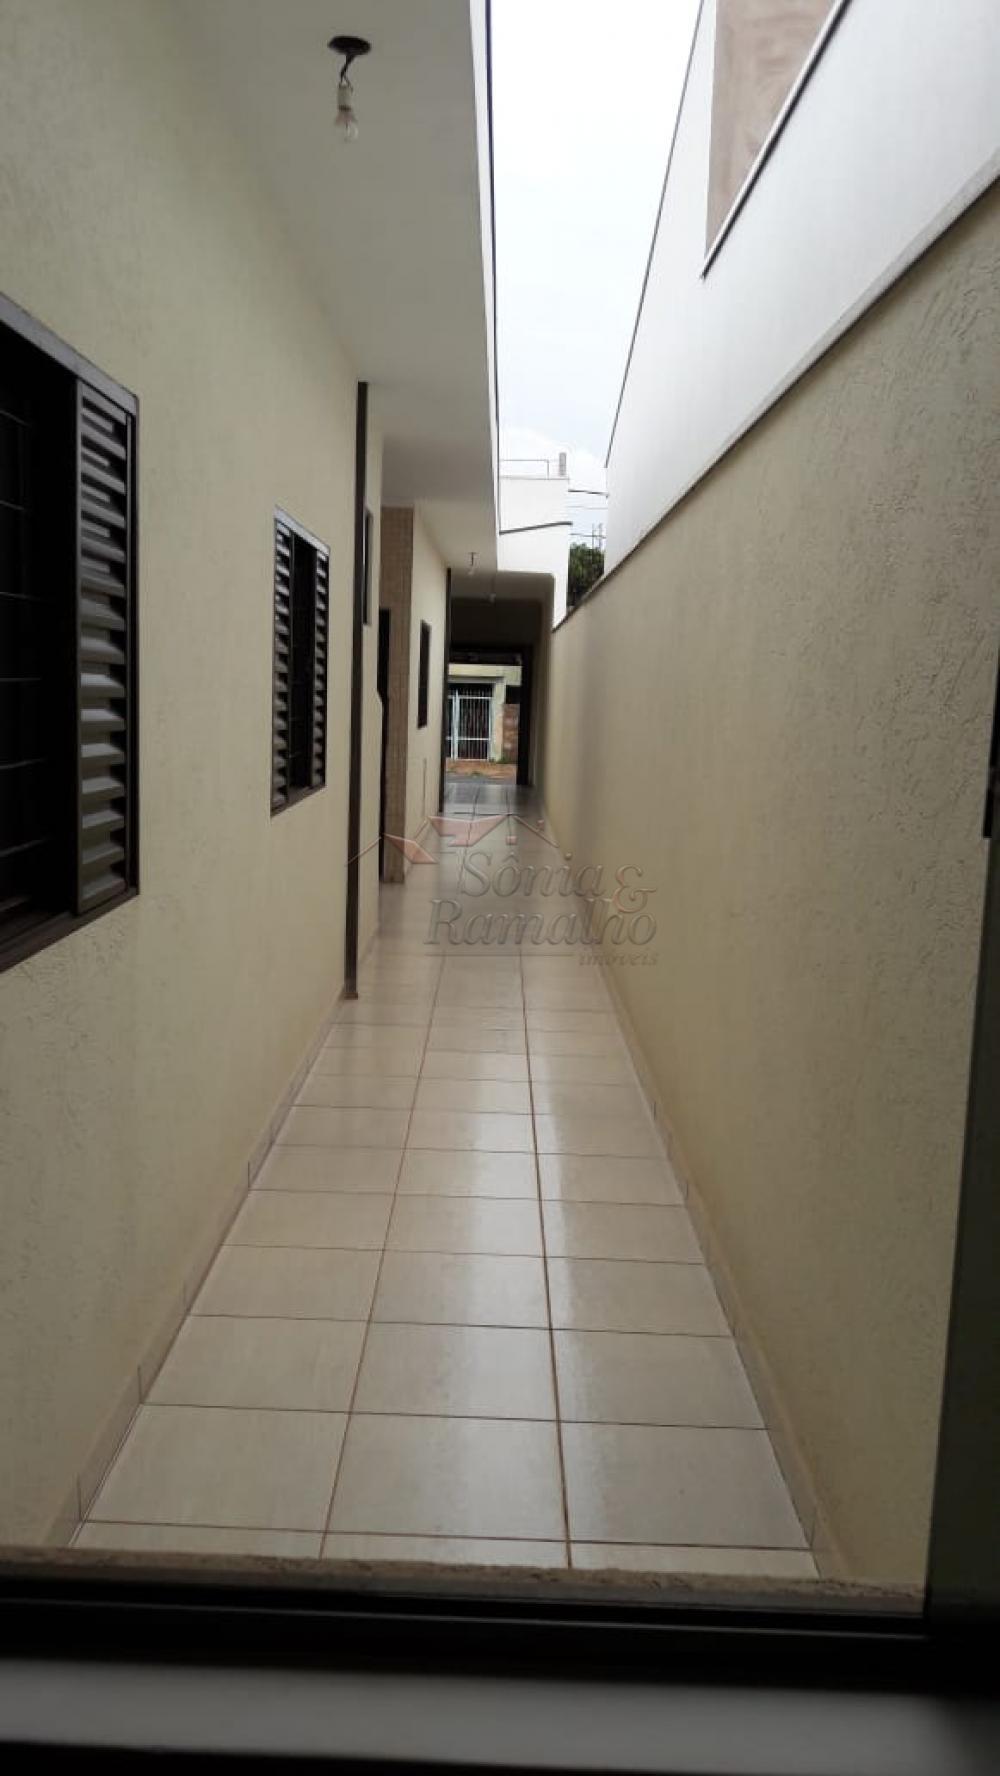 Comprar Casas / Padrão em Ribeirão Preto apenas R$ 290.000,00 - Foto 17